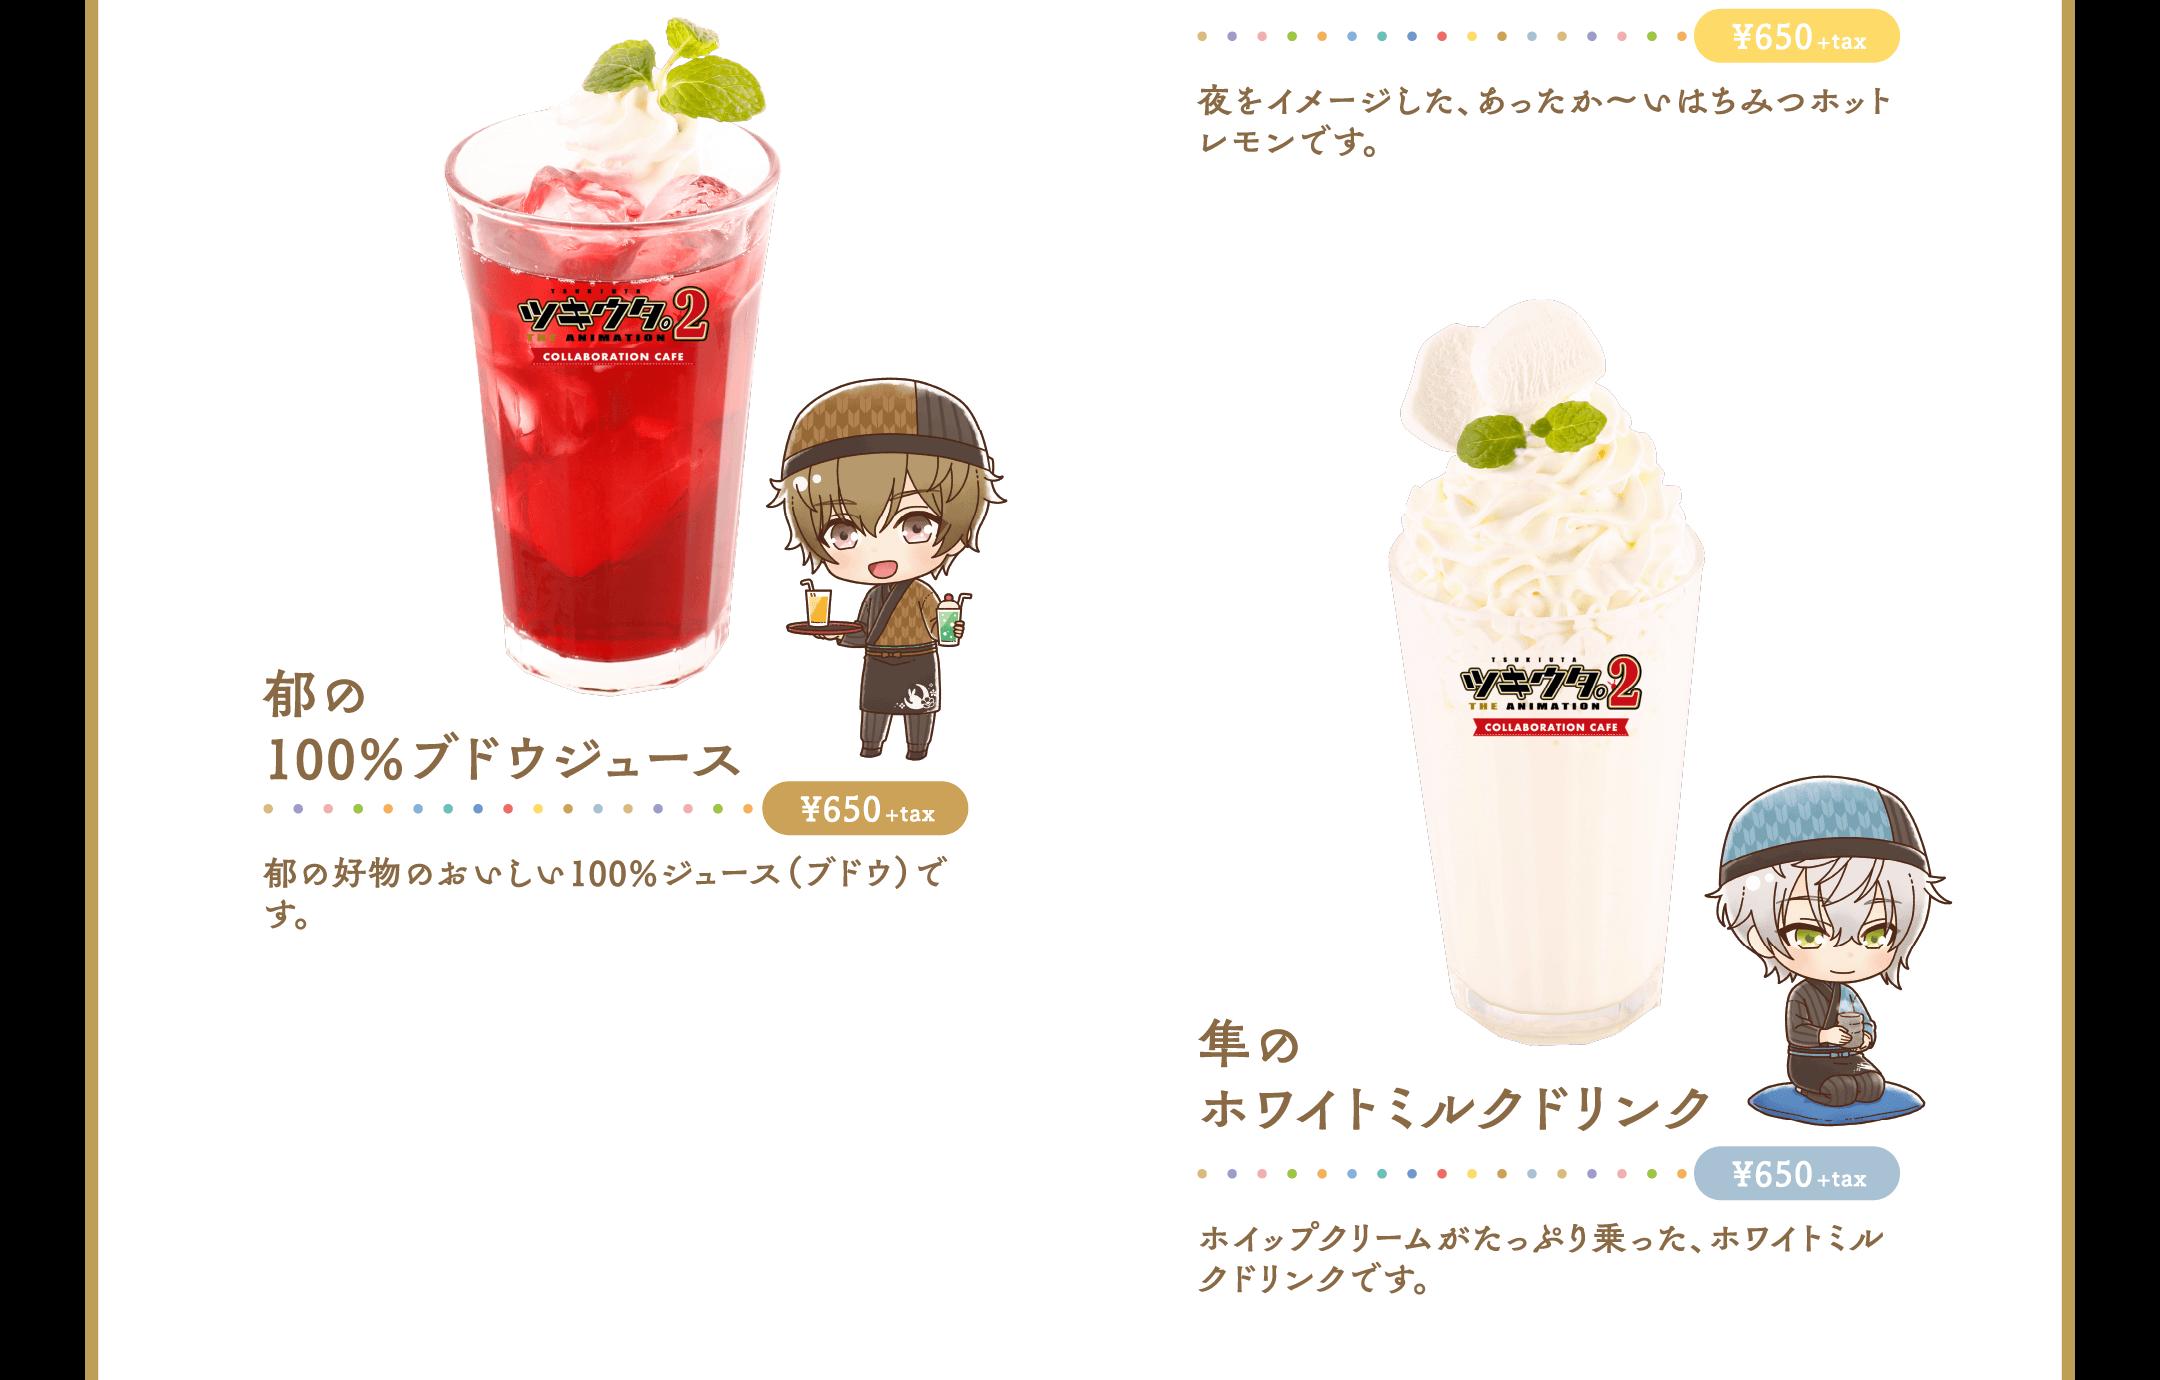 TVアニメ「ツキウタ。THE ANIMATION 2」×「アニぱらCAFE」ドリンクメニュー 郁&隼